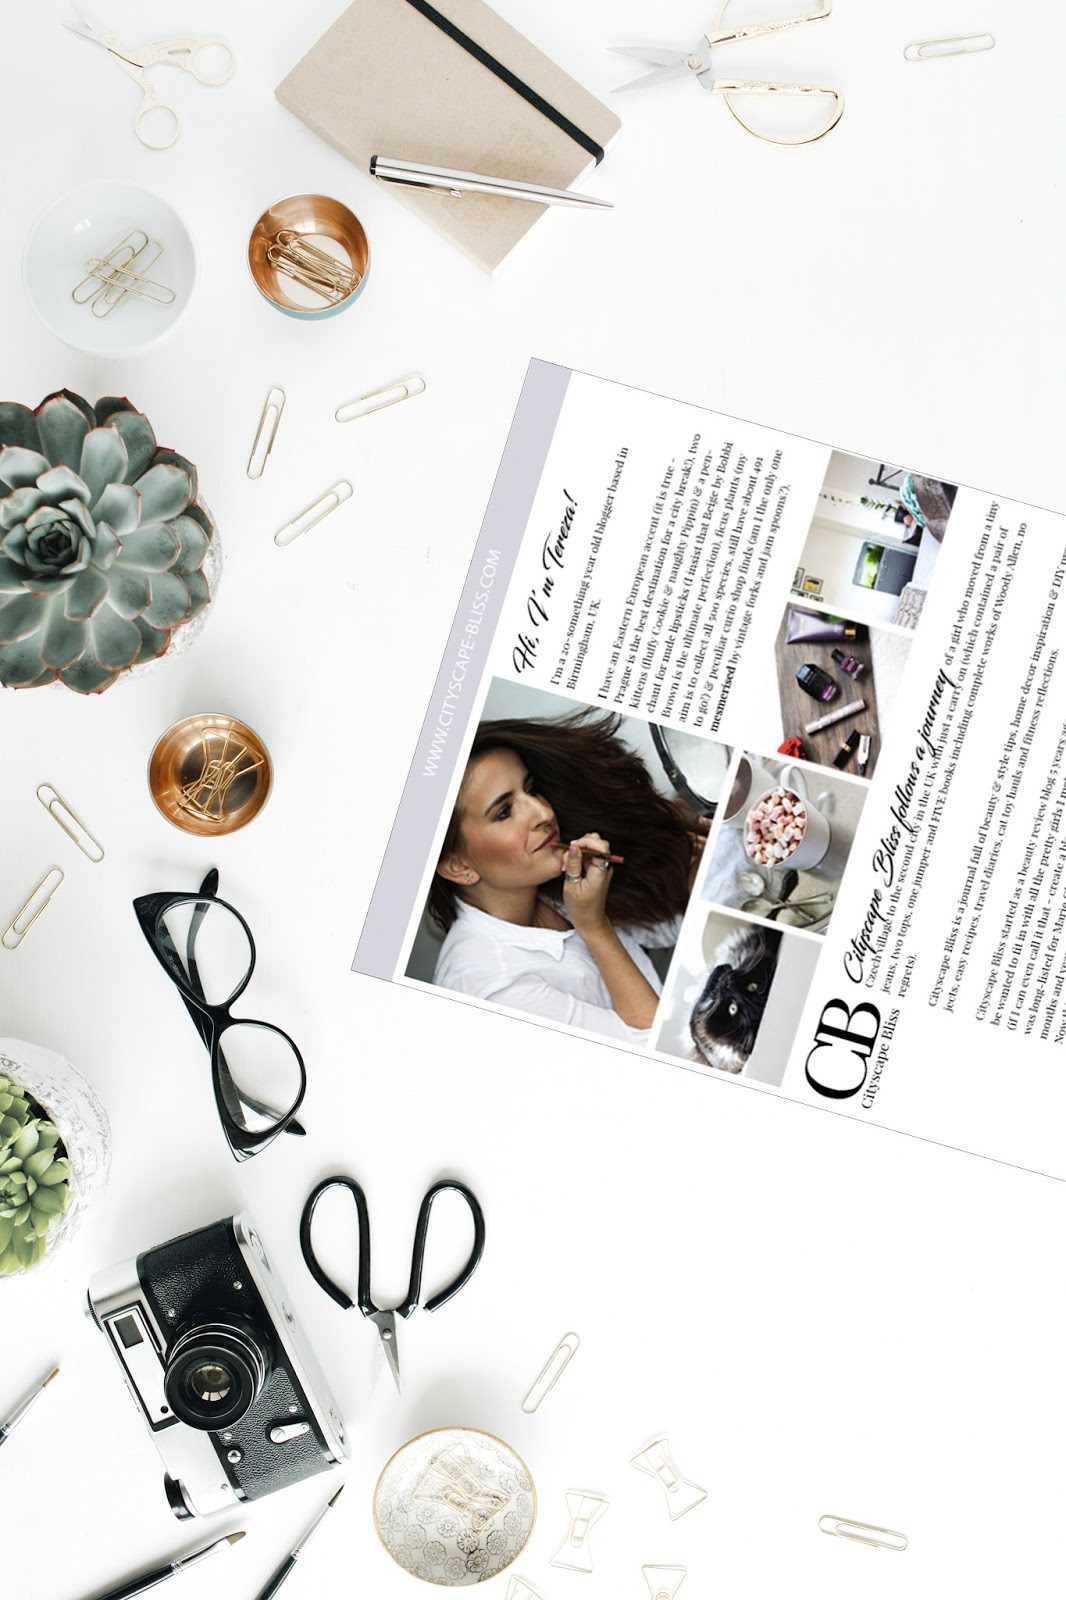 Blog media kit - why bloggers need a media kit?